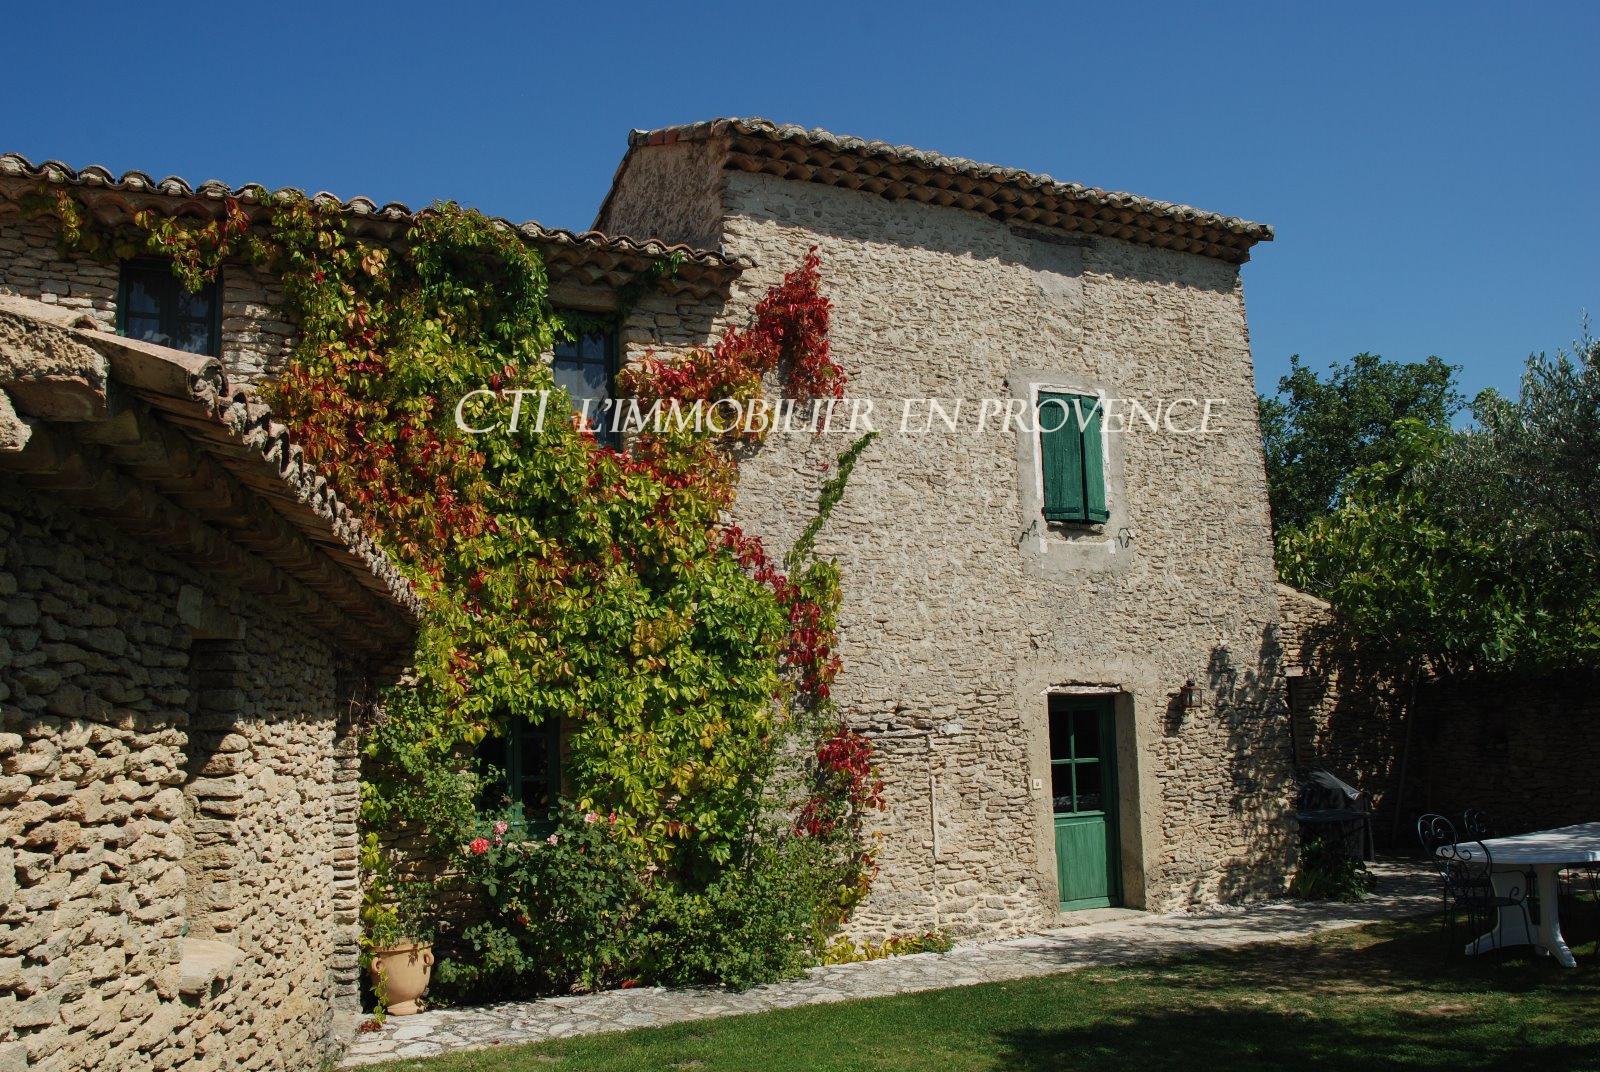 0 www.cti-provence.net, vente, mazet dans les oliviers, position dominante, vue Ventoux, piscine.